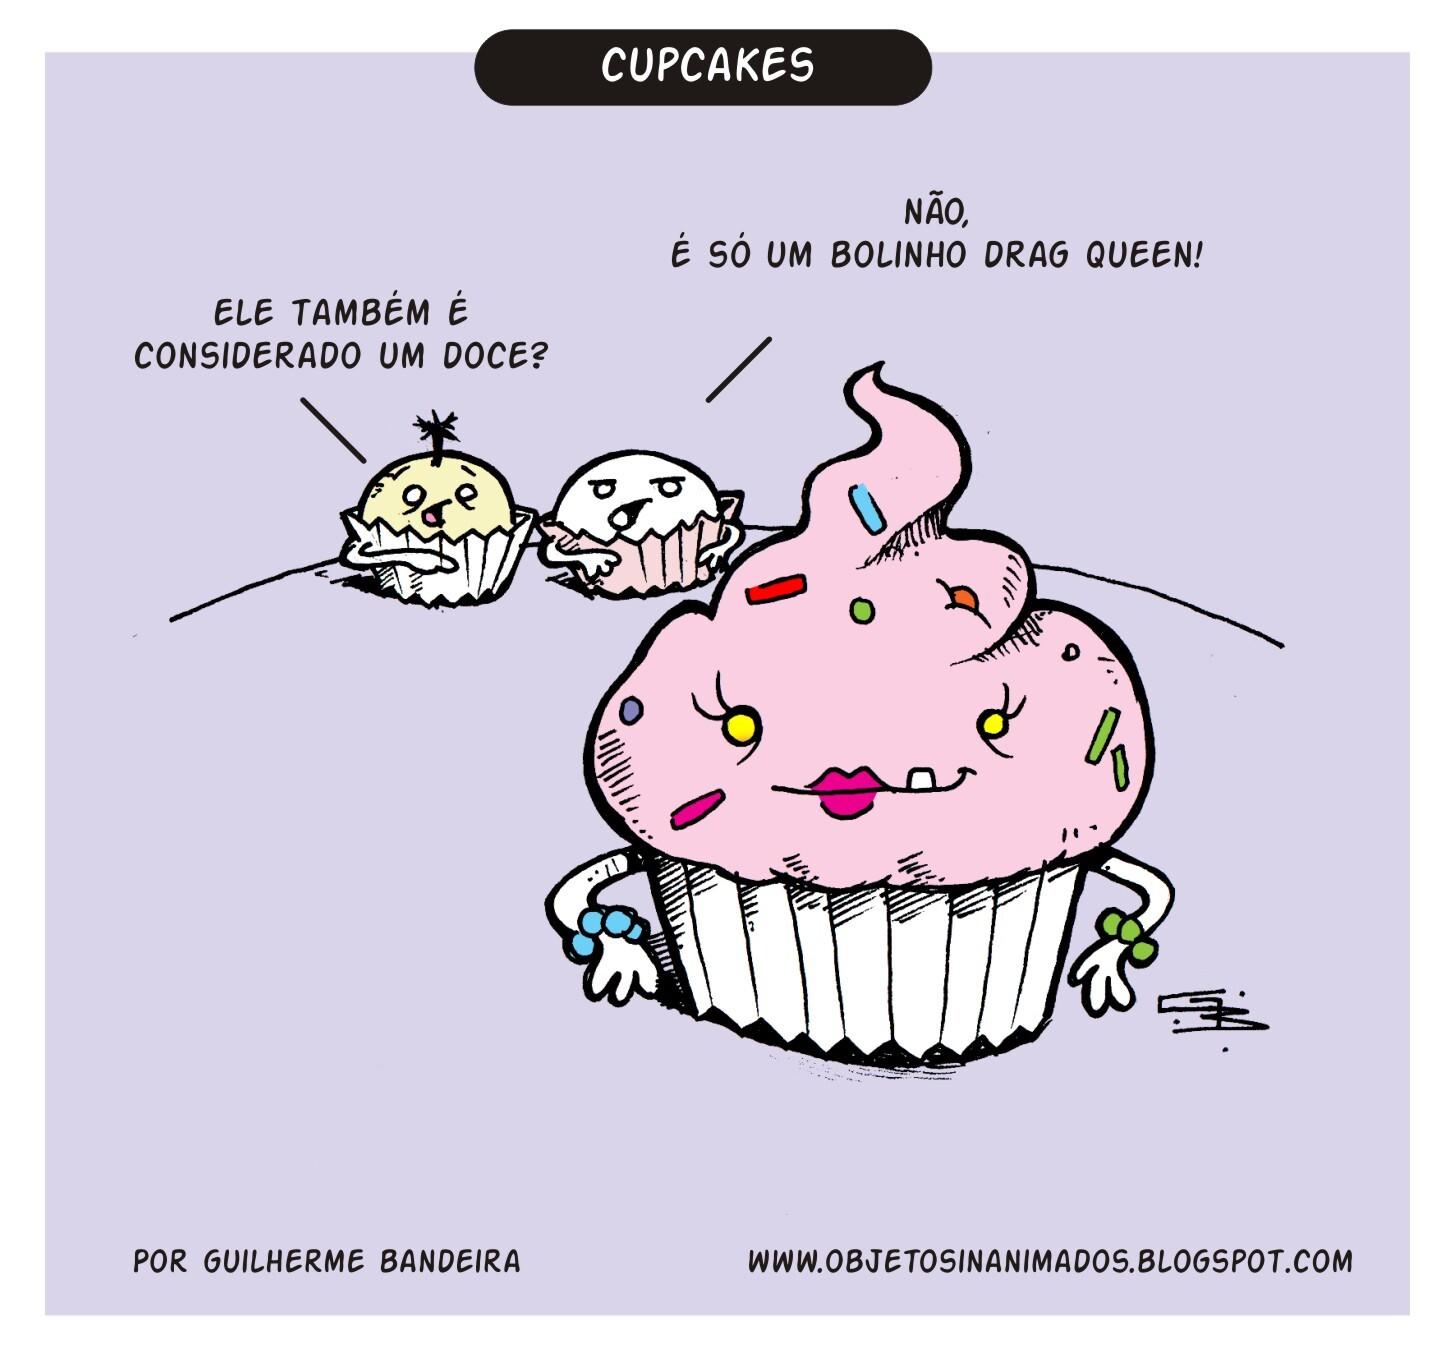 qual a diferença da massa de bolo para a massa do cupcake